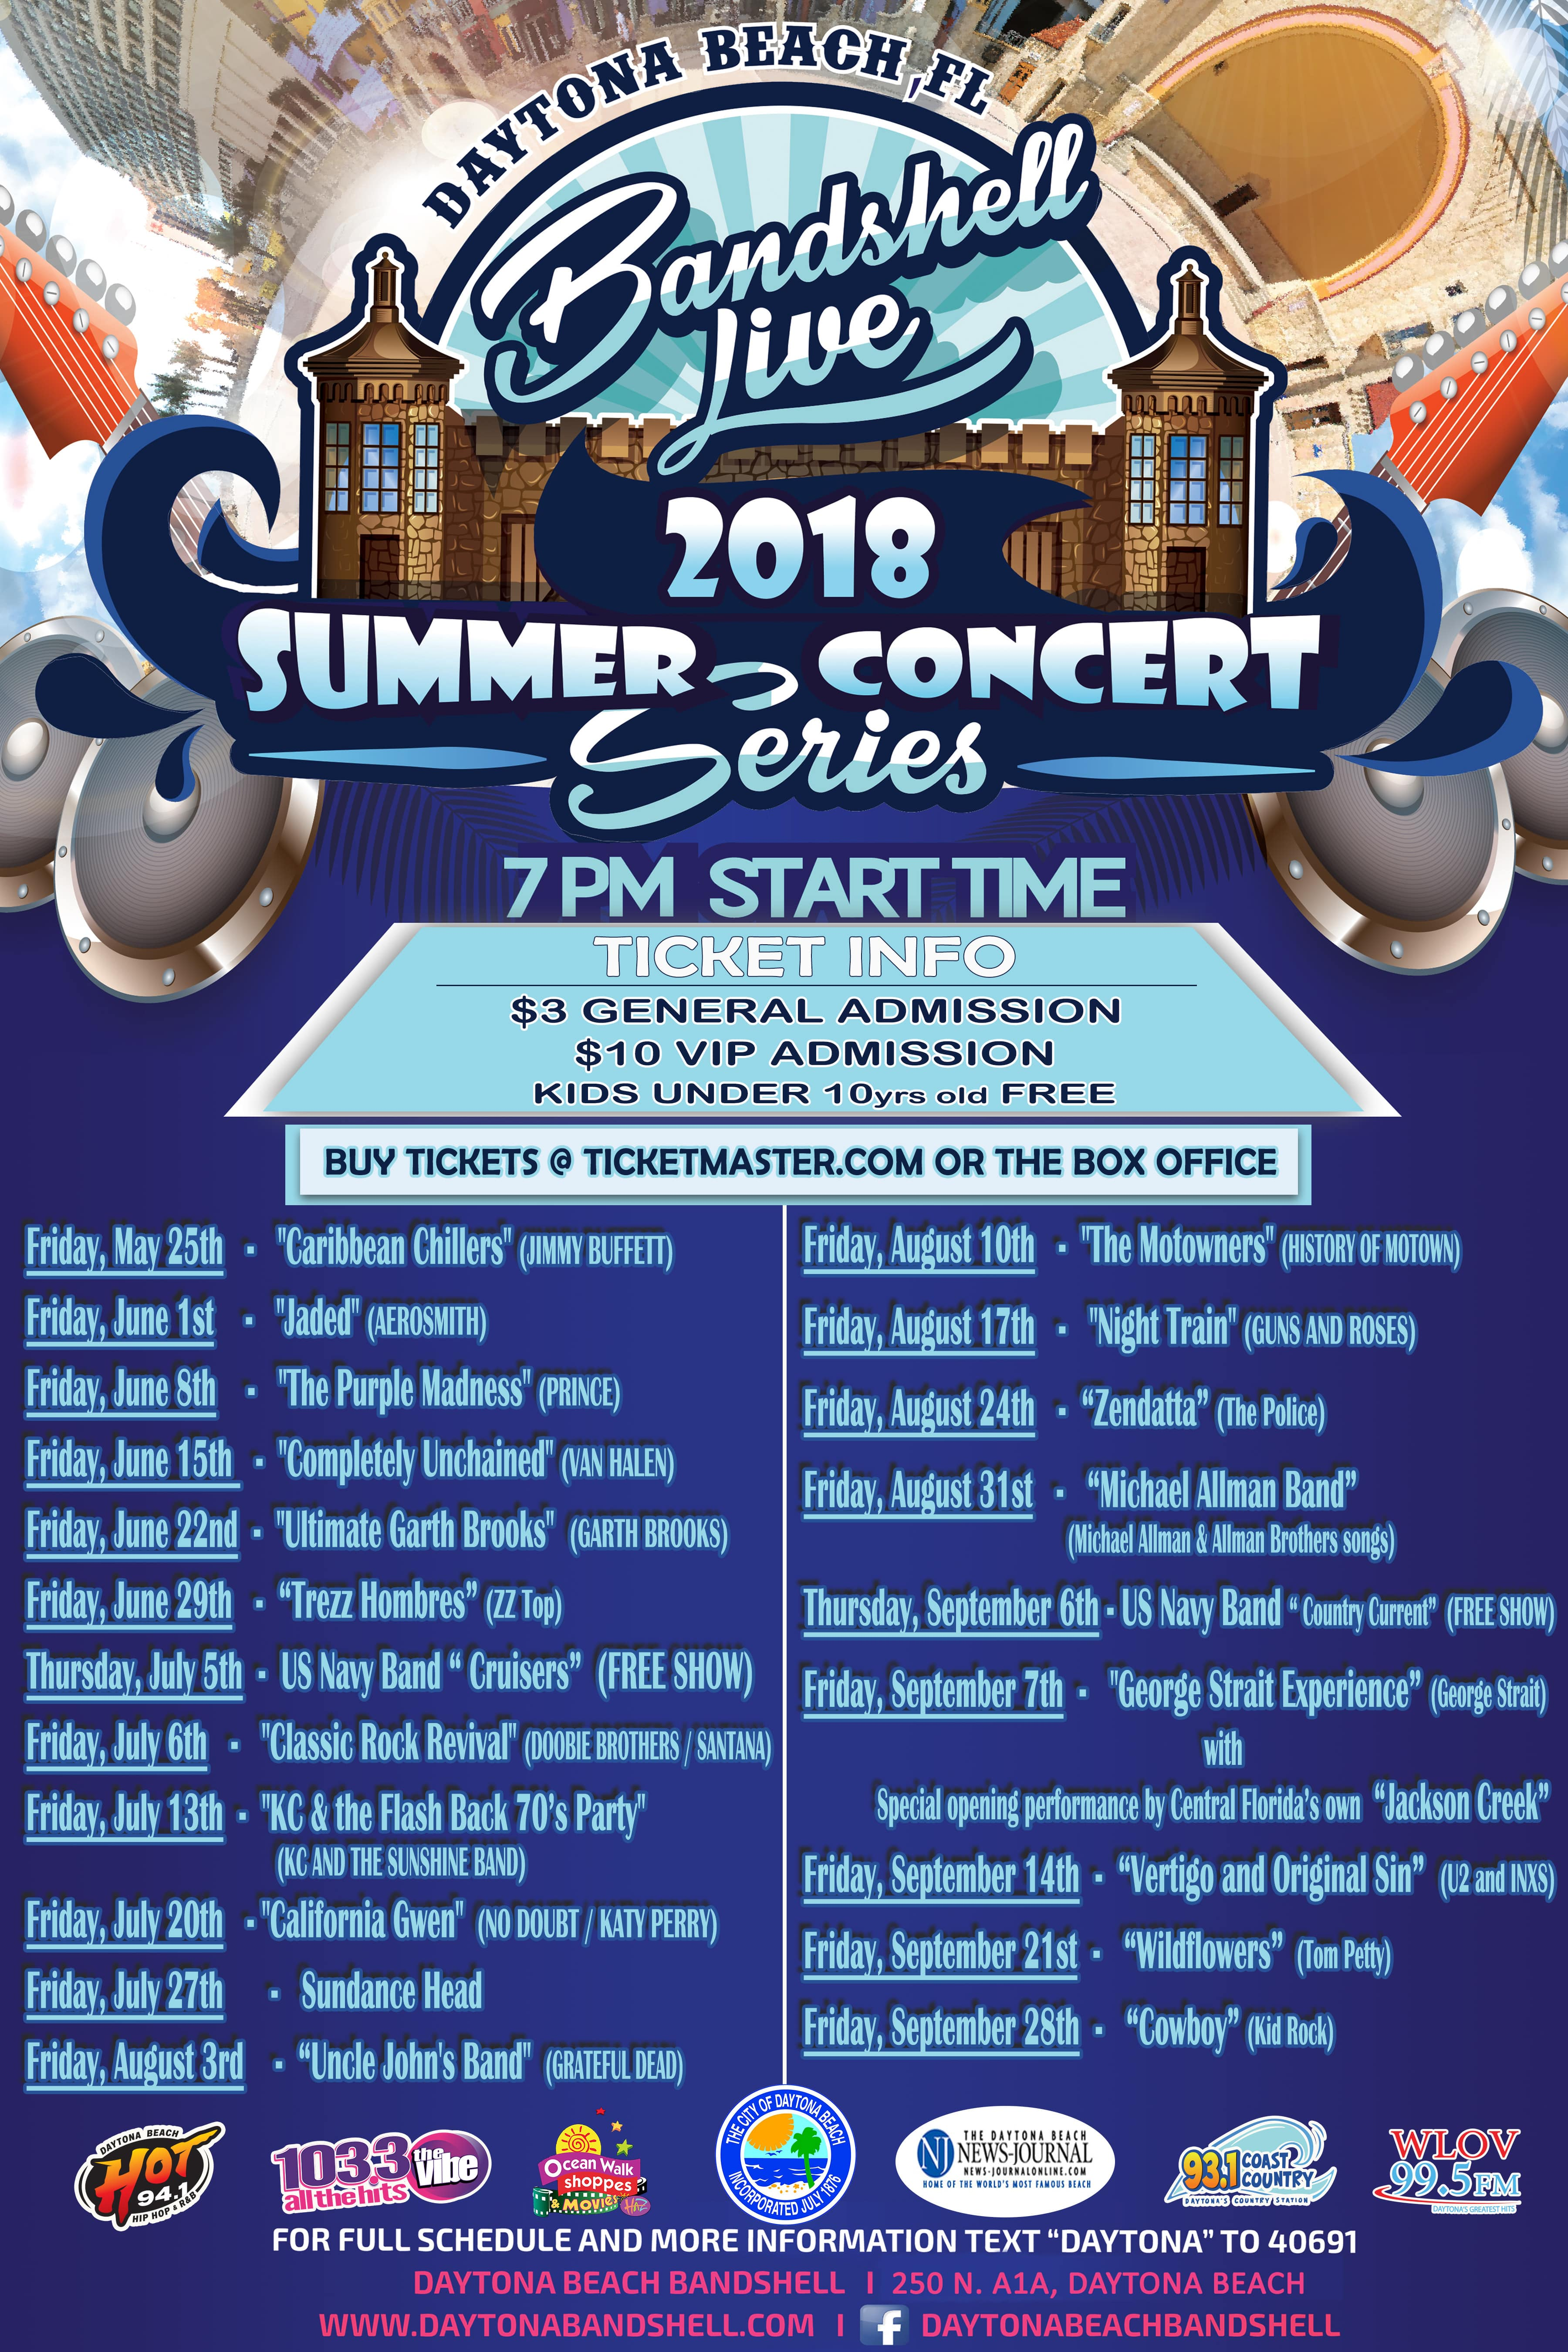 Summer_Concert_Series_2018-min